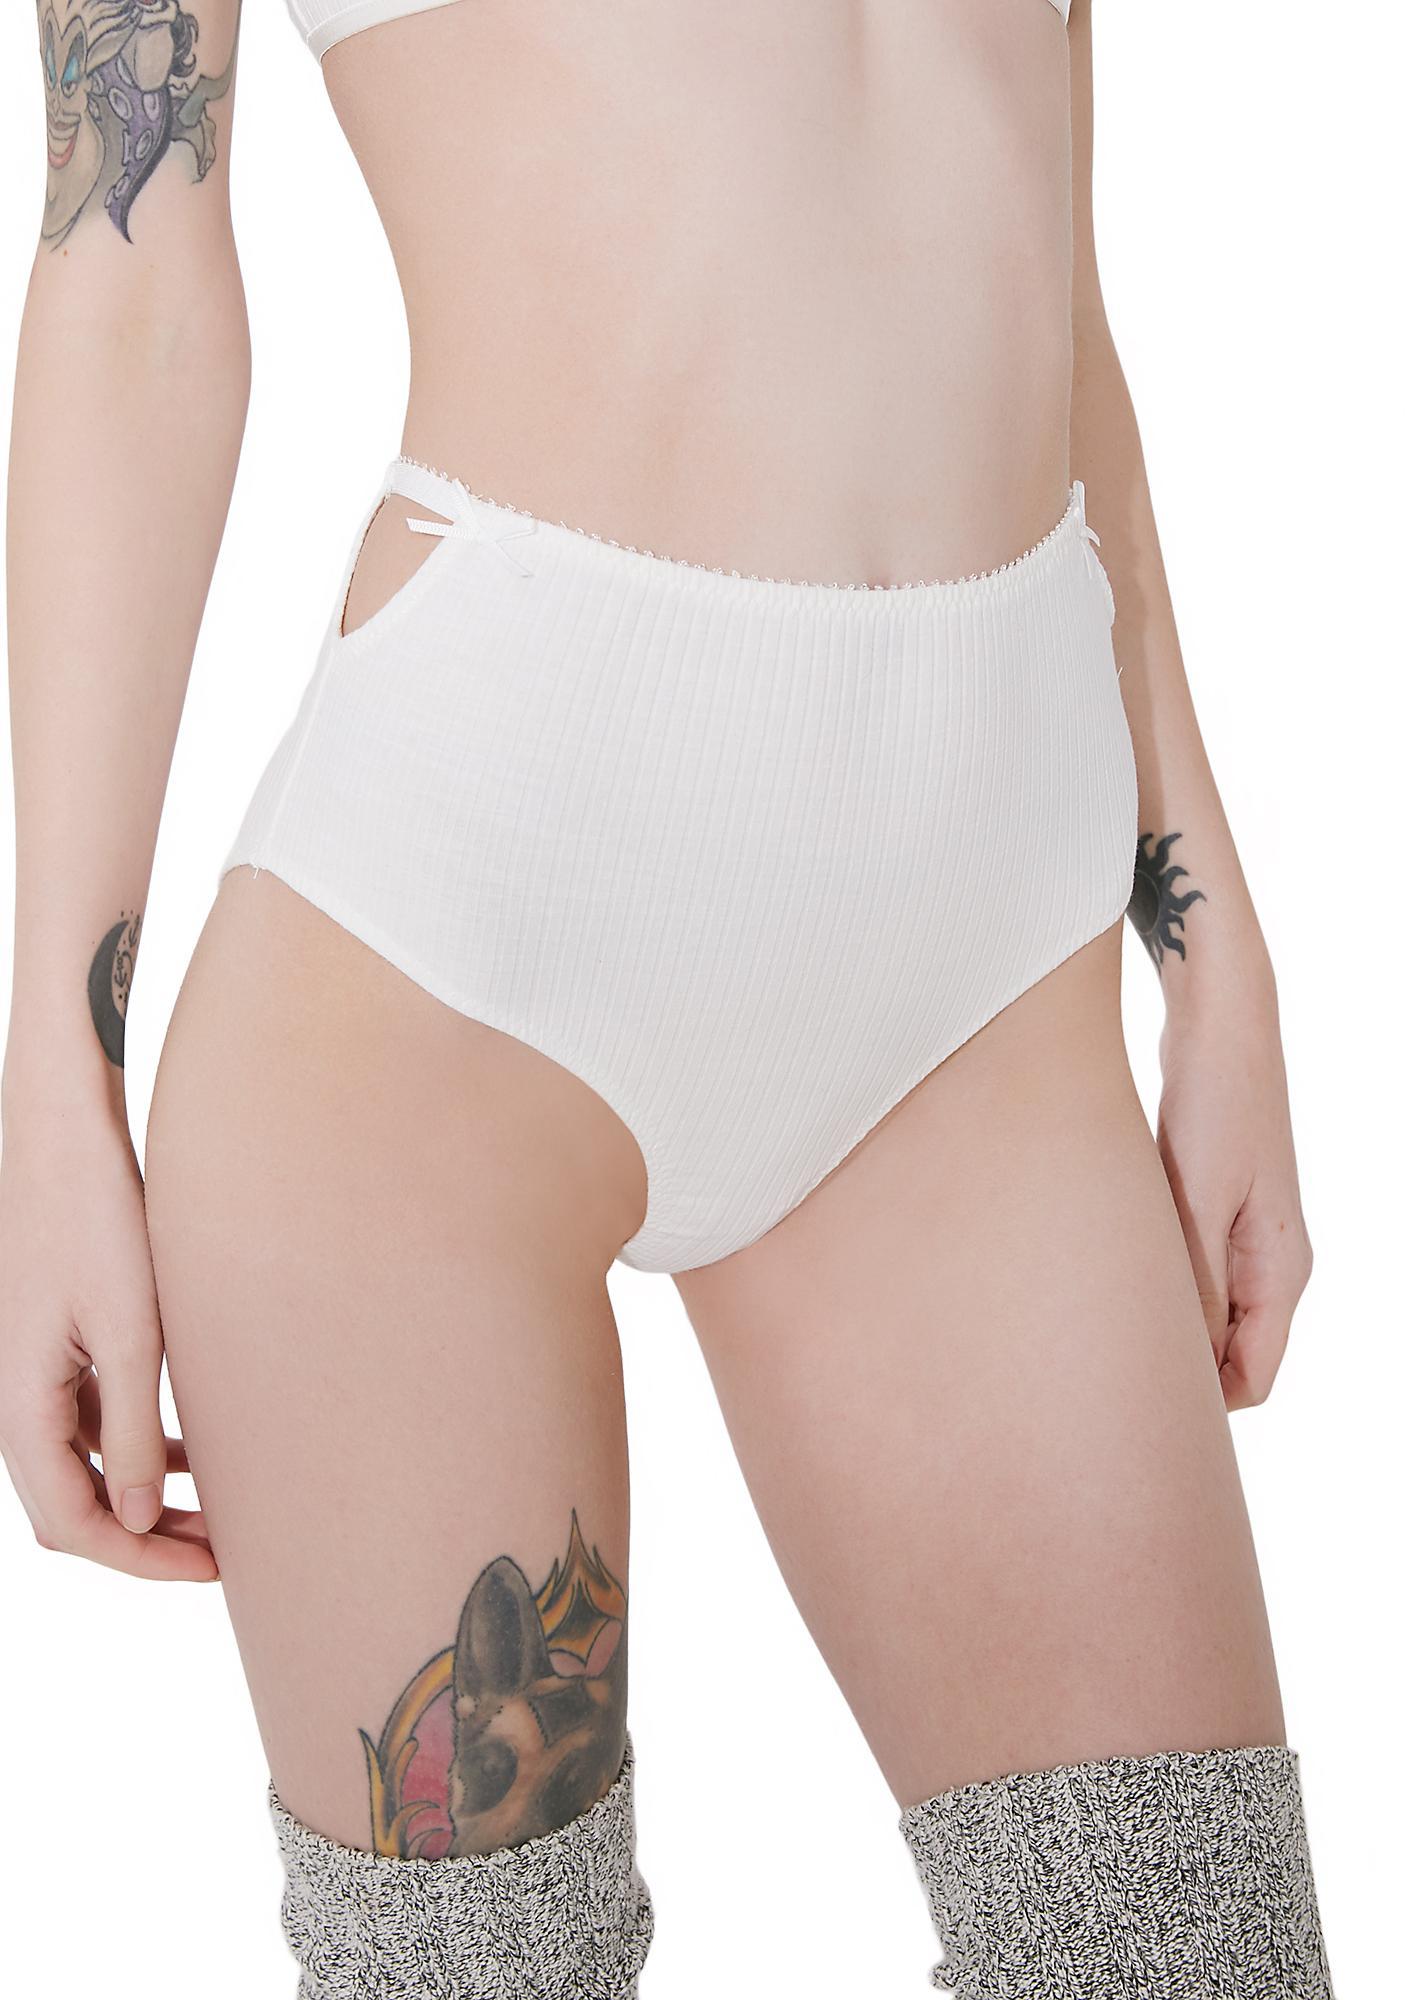 Cream Take A Peek High Rise Panty